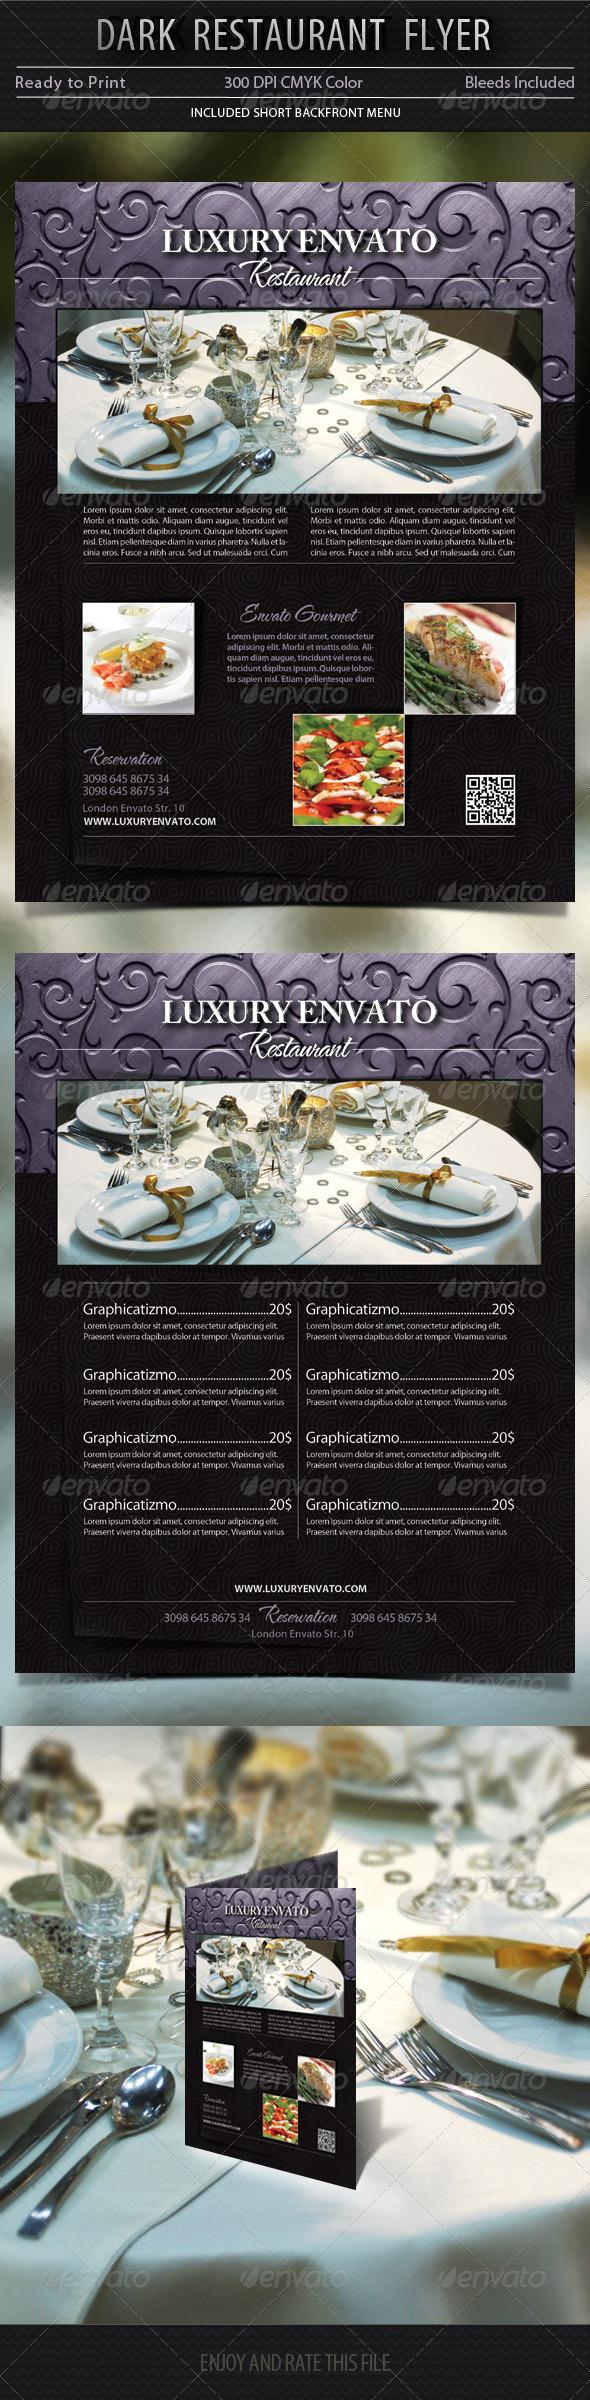 GraphicRiver Dark Restaurant Flyer Template 5649420